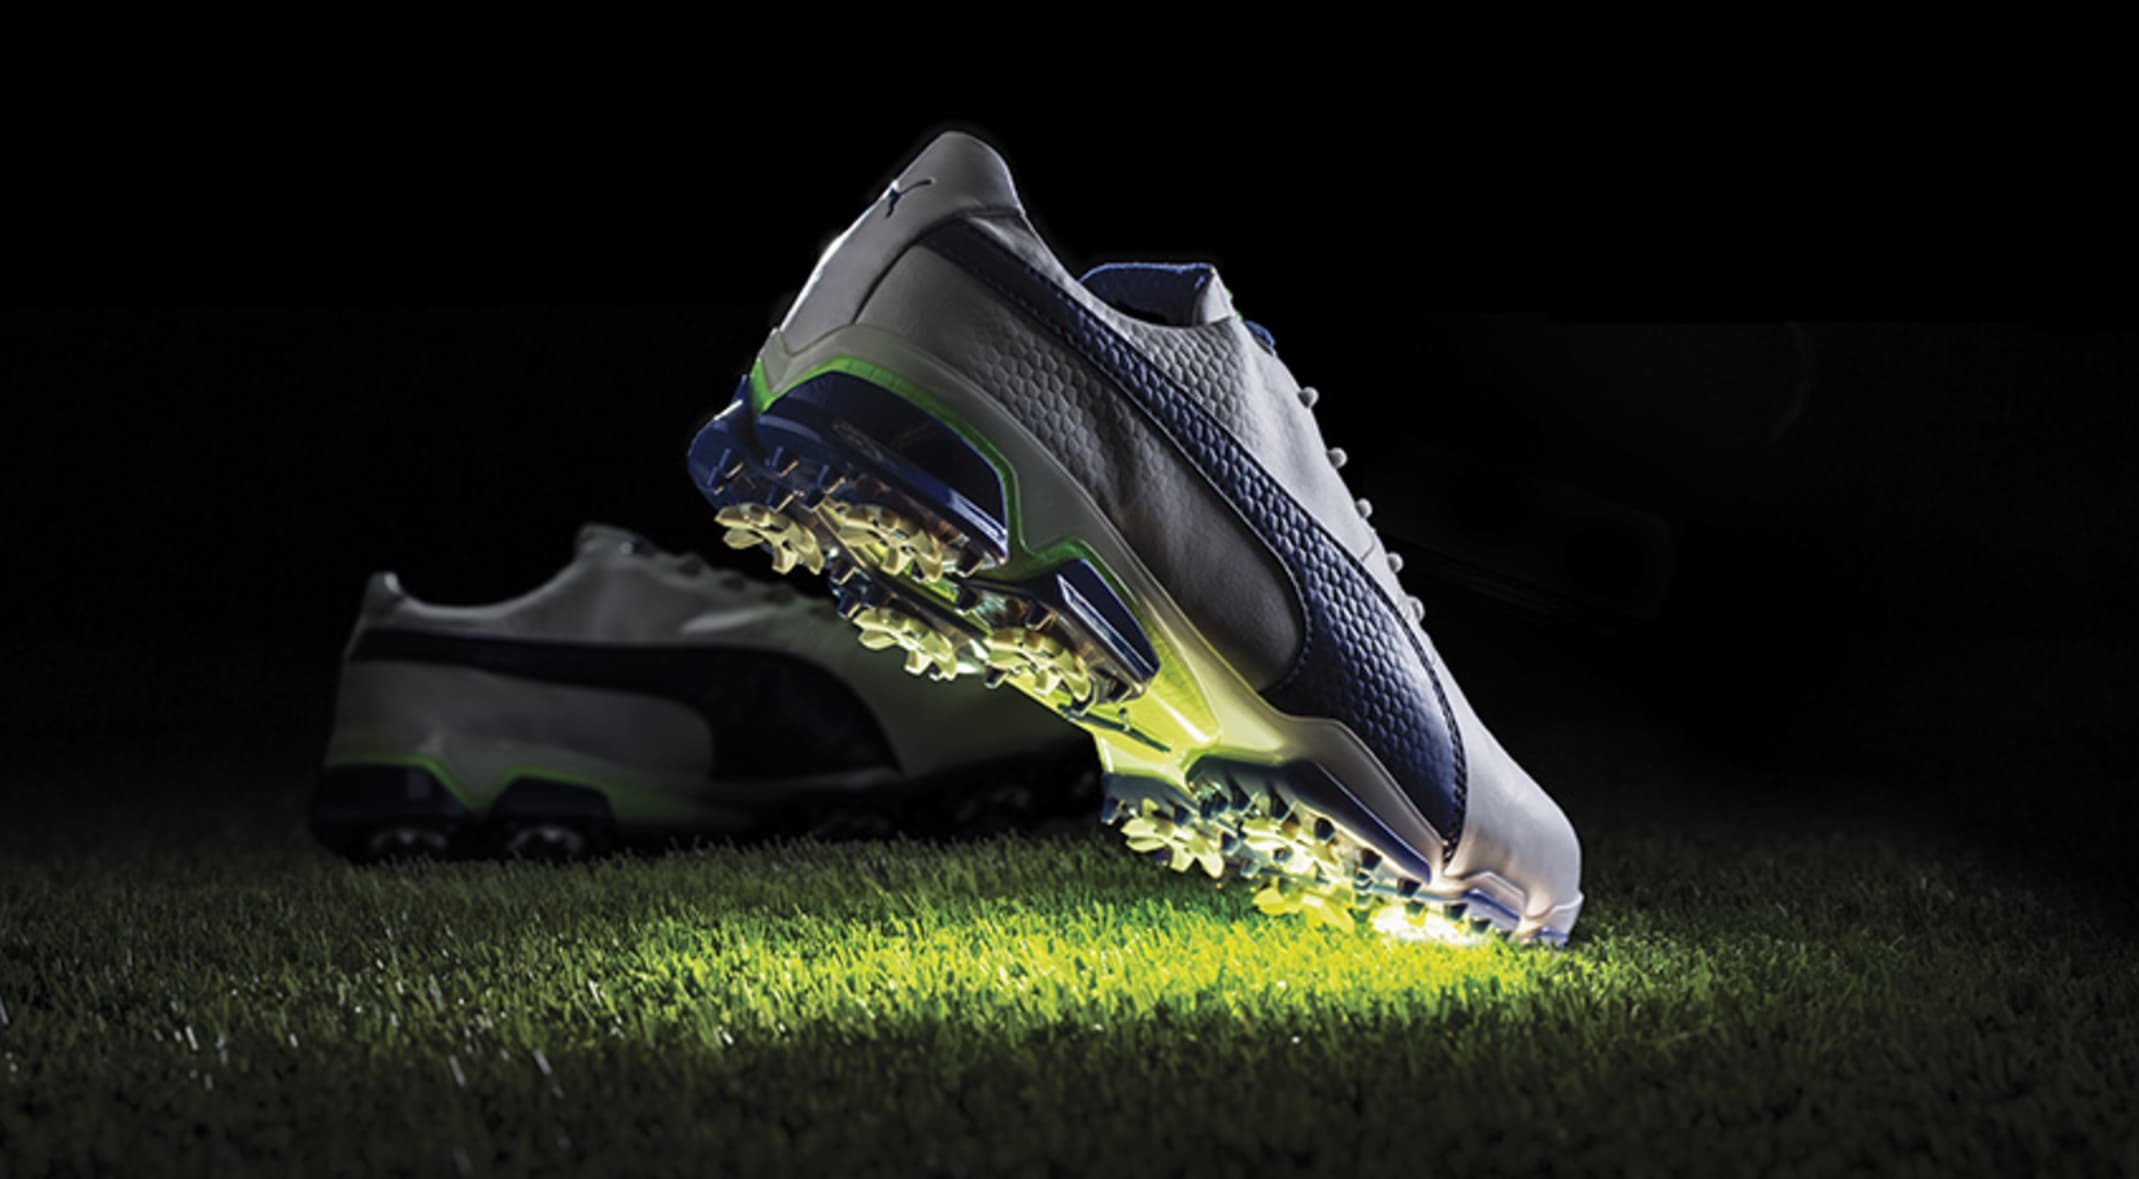 1de7d2862b52ac Puma Golf s TITANTOUR IGNITE shoes have already made their course debut  thanks to brand ambassador Rickie